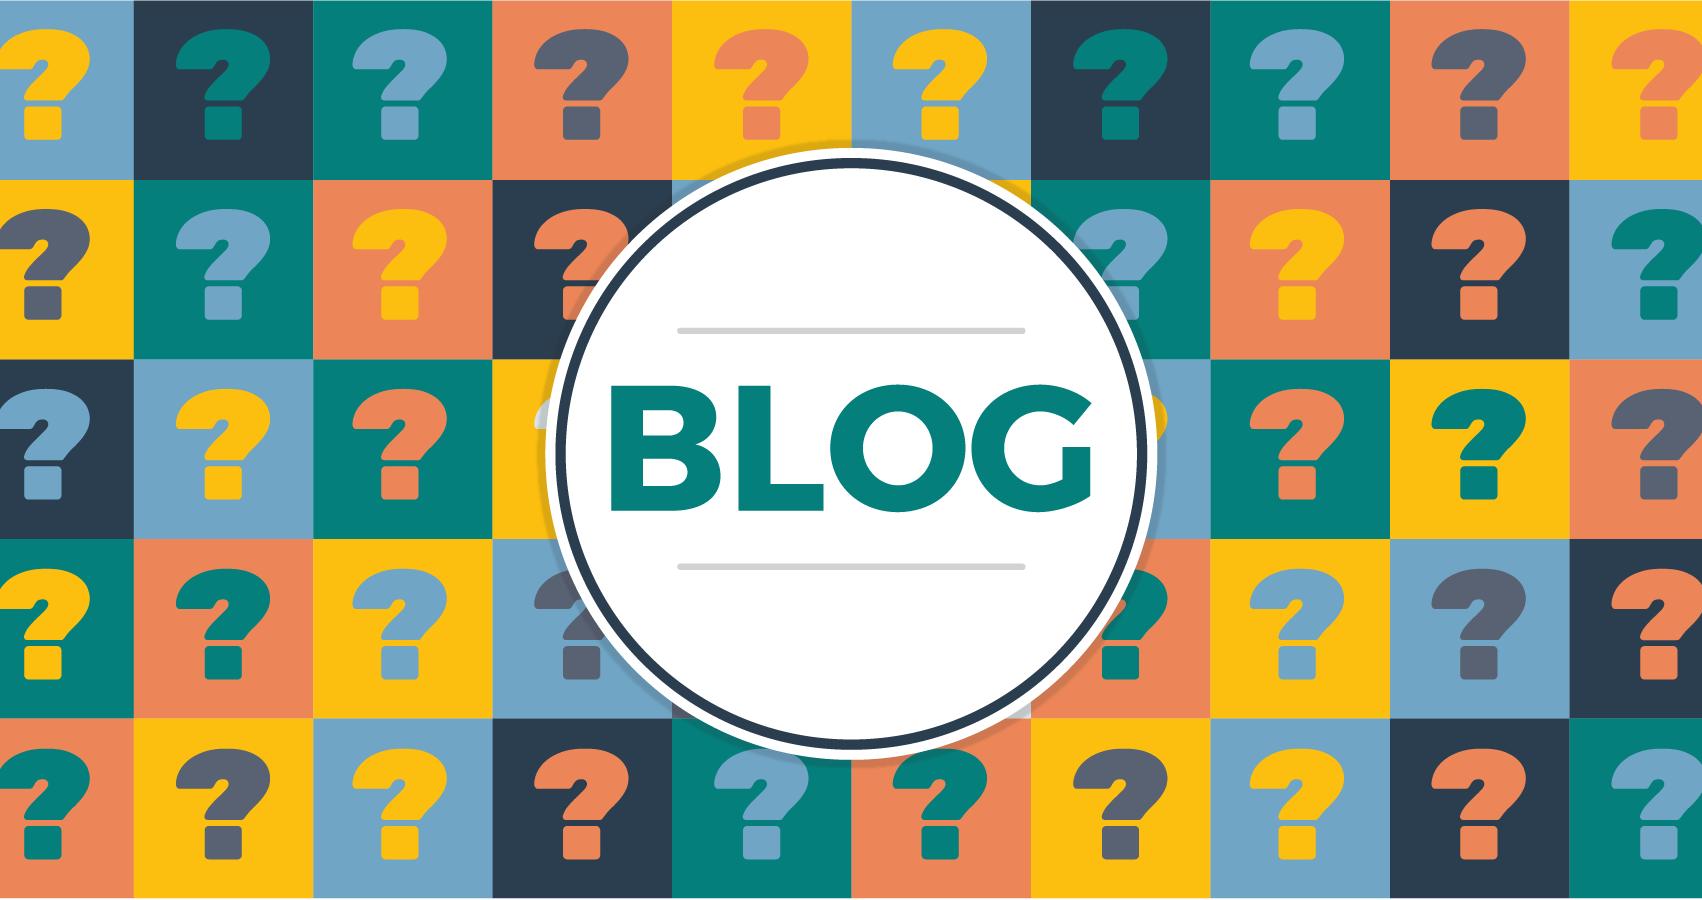 Realizzazione di siti web: blog sì o no? - foto 1